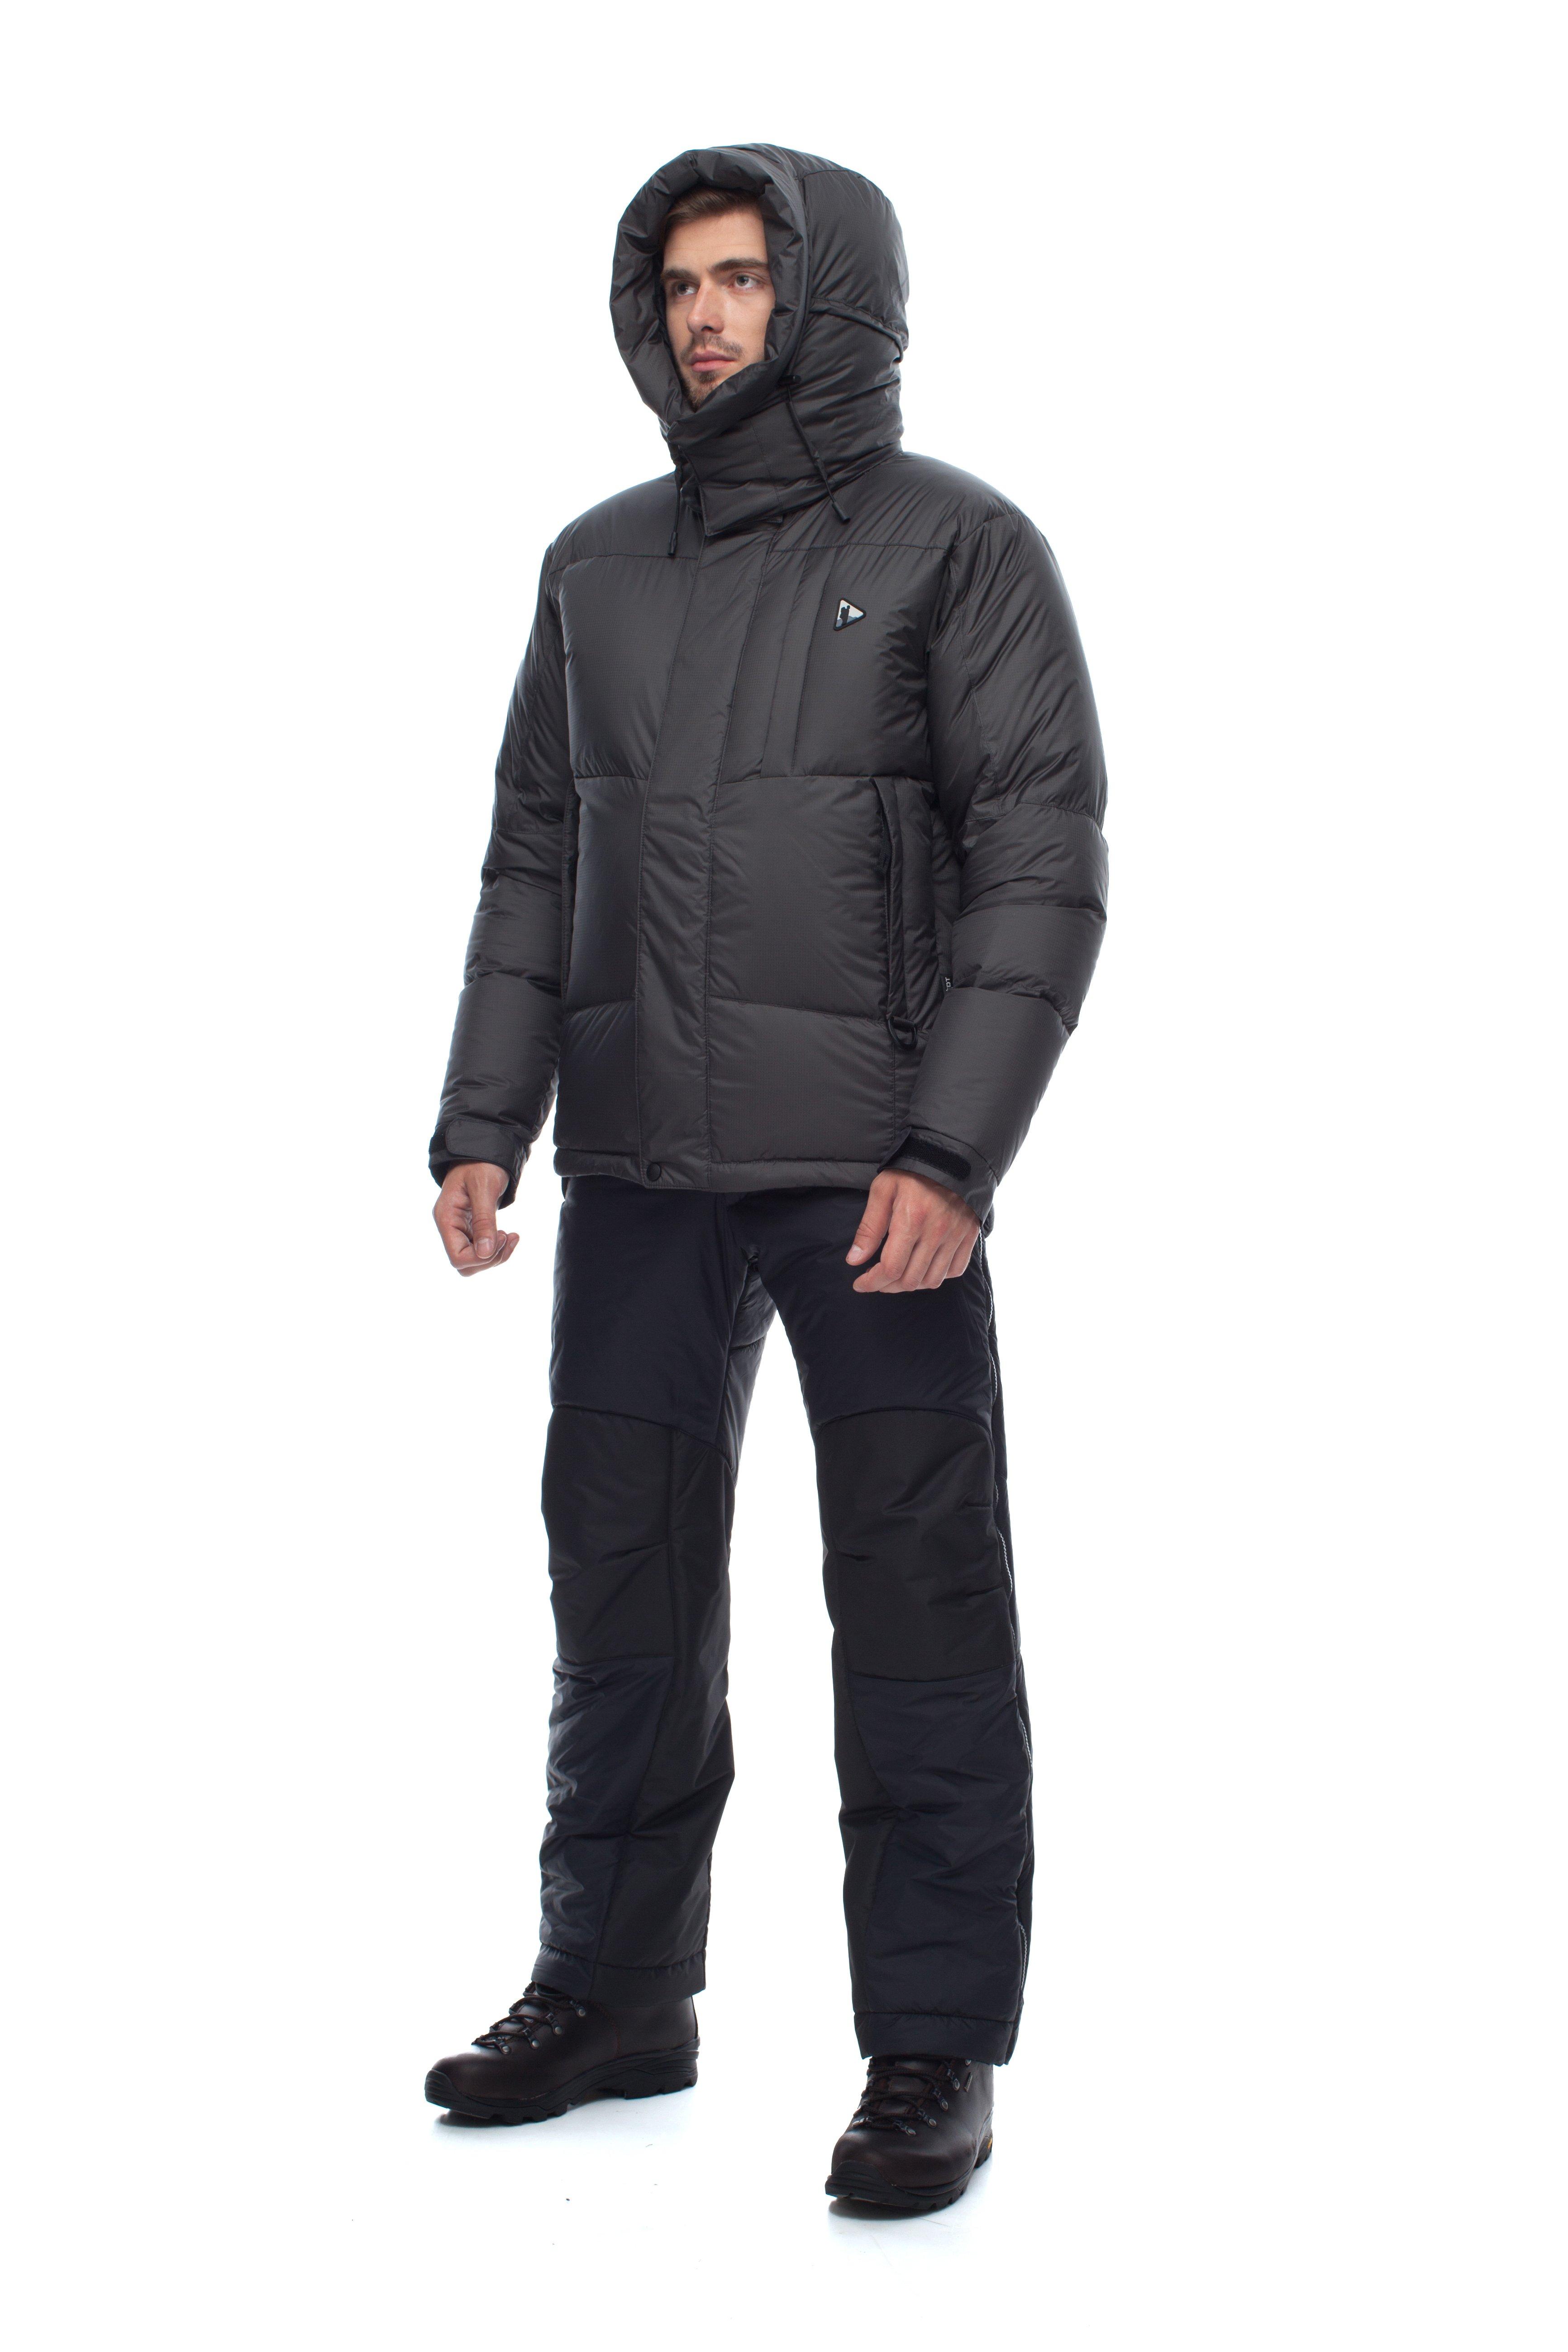 Пуховая куртка BASK HEAVEN V2 3945AКуртки<br><br><br>&quot;Дышащие&quot; свойства: Да<br>Верхняя ткань: Resist-DT(R) EXTREME<br>Вес граммы: 955<br>Вес утеплителя: 282<br>Ветро-влагозащитные свойства верхней ткани: Да<br>Ветрозащитная планка: Да<br>Ветрозащитная юбка: Нет<br>Влагозащитные молнии: Нет<br>Внутренние манжеты: Нет<br>Внутренняя ткань: Advance® Classic<br>Водонепроницаемость: 3000<br>Дублирующий центральную молнию клапан: Да<br>Защитный козырёк капюшона: Нет<br>Капюшон: Съемный<br>Количество внешних карманов: 3<br>Количество внутренних карманов: 3<br>Мембрана: Resist-DT(R) EXTREME<br>Объемный крой локтевой зоны: Нет<br>Отстёгивающиеся рукава: Нет<br>Паропроницаемость: 3000<br>Показатель Fill Power (для пуховых изделий): 670<br>Пол: Мужской<br>Проклейка швов: Нет<br>Регулировка манжетов рукавов: Да<br>Регулировка низа: Да<br>Регулировка объёма капюшона: Да<br>Регулировка талии: Нет<br>Регулируемые вентиляционные отверстия: Нет<br>Световозвращающая лента: Нет<br>Температурный режим: -15<br>Технология Thermal Welding: Нет<br>Технология швов: Простые<br>Тип молнии: Двухзамковая<br>Тип утеплителя: Натуральный<br>Ткань усиления: Нет<br>Усиление контактных зон: Да<br>Утеплитель: Гусиный пух<br>Размер RU: 52<br>Цвет: КРАСНЫЙ